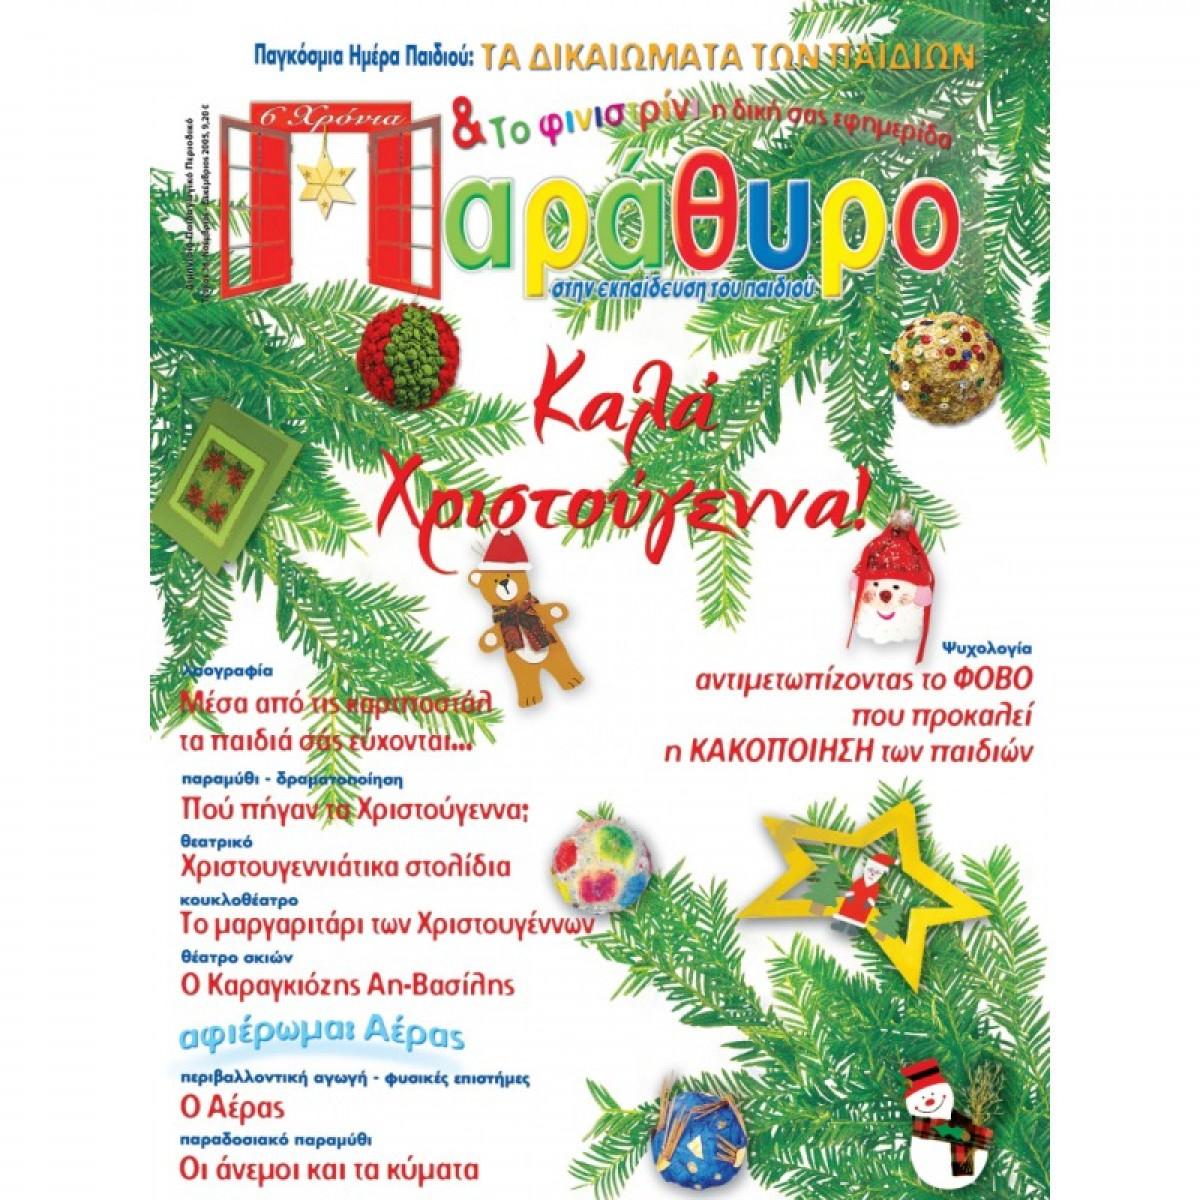 ΠΑΡΑΘΥΡΟ ΤΕΥΧΟΣ 36 Περιοδικό Παράθυρο